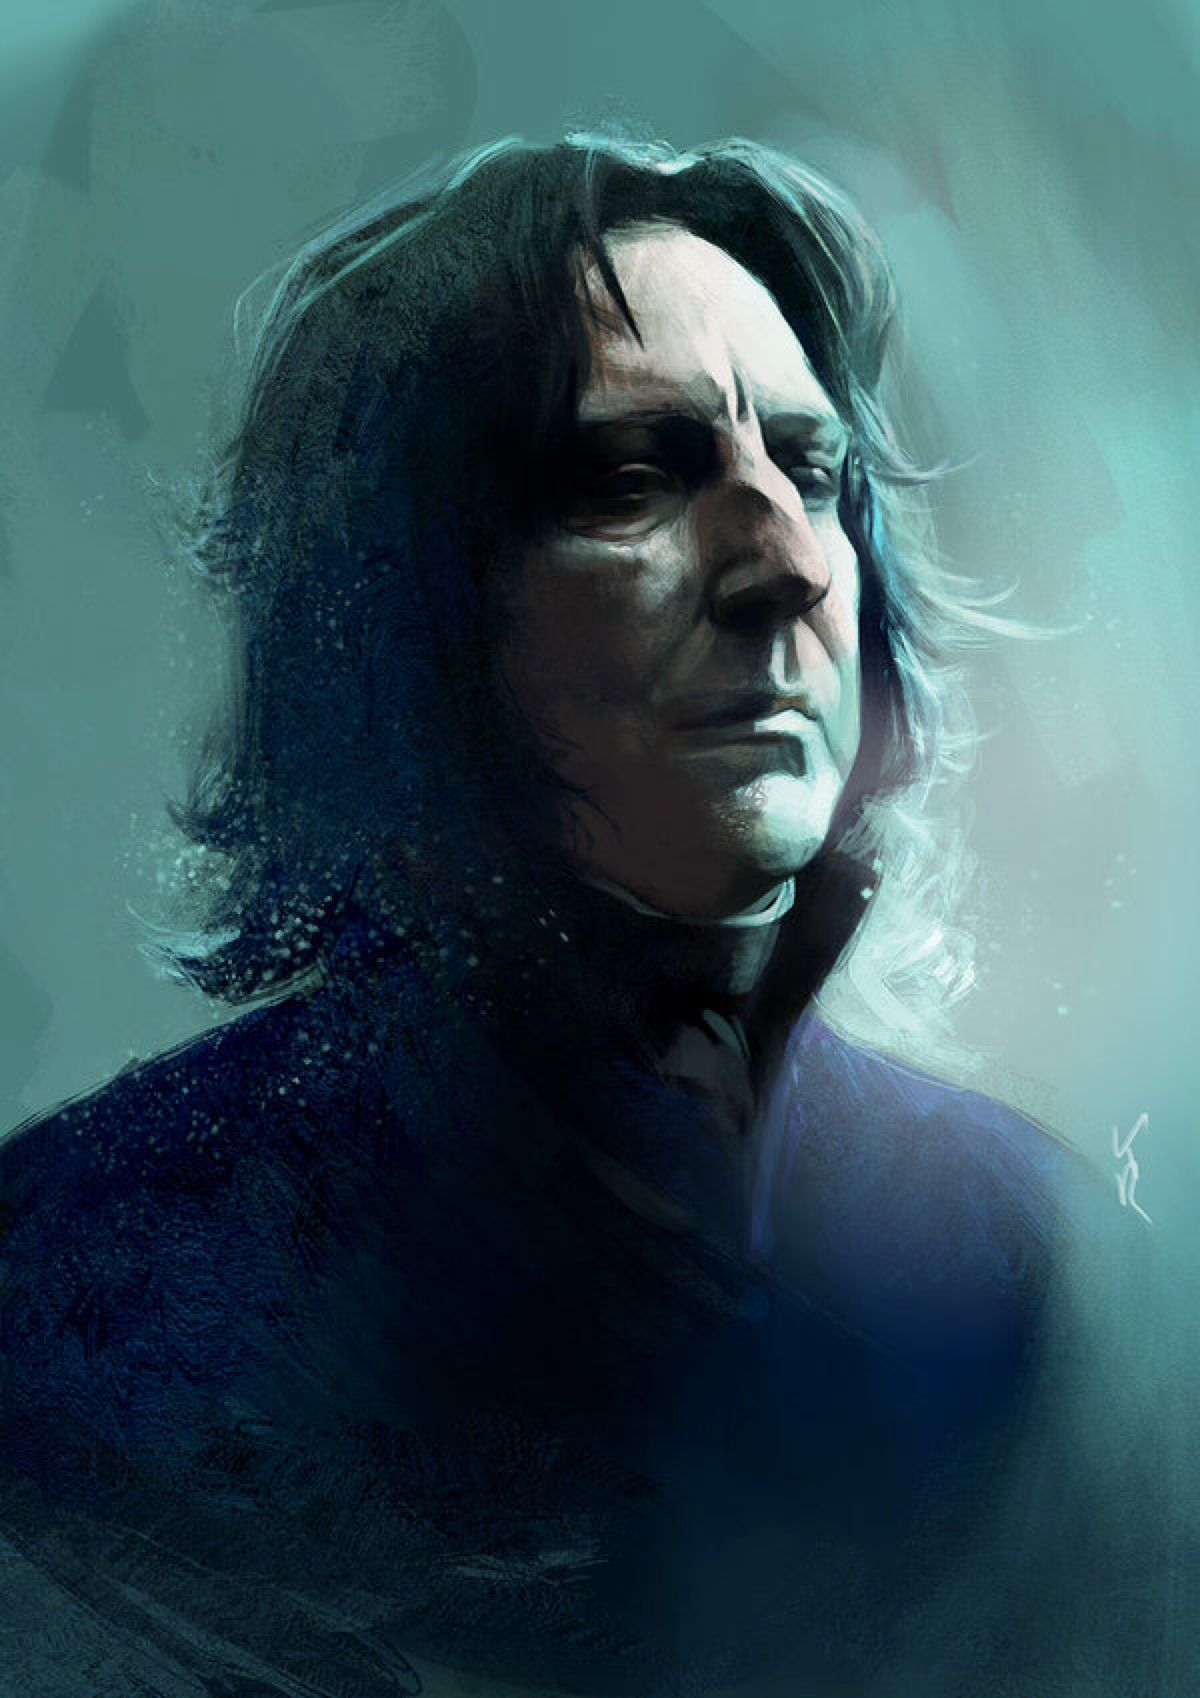 e92594e8d9c Snape by kittrose on  DeviantArt